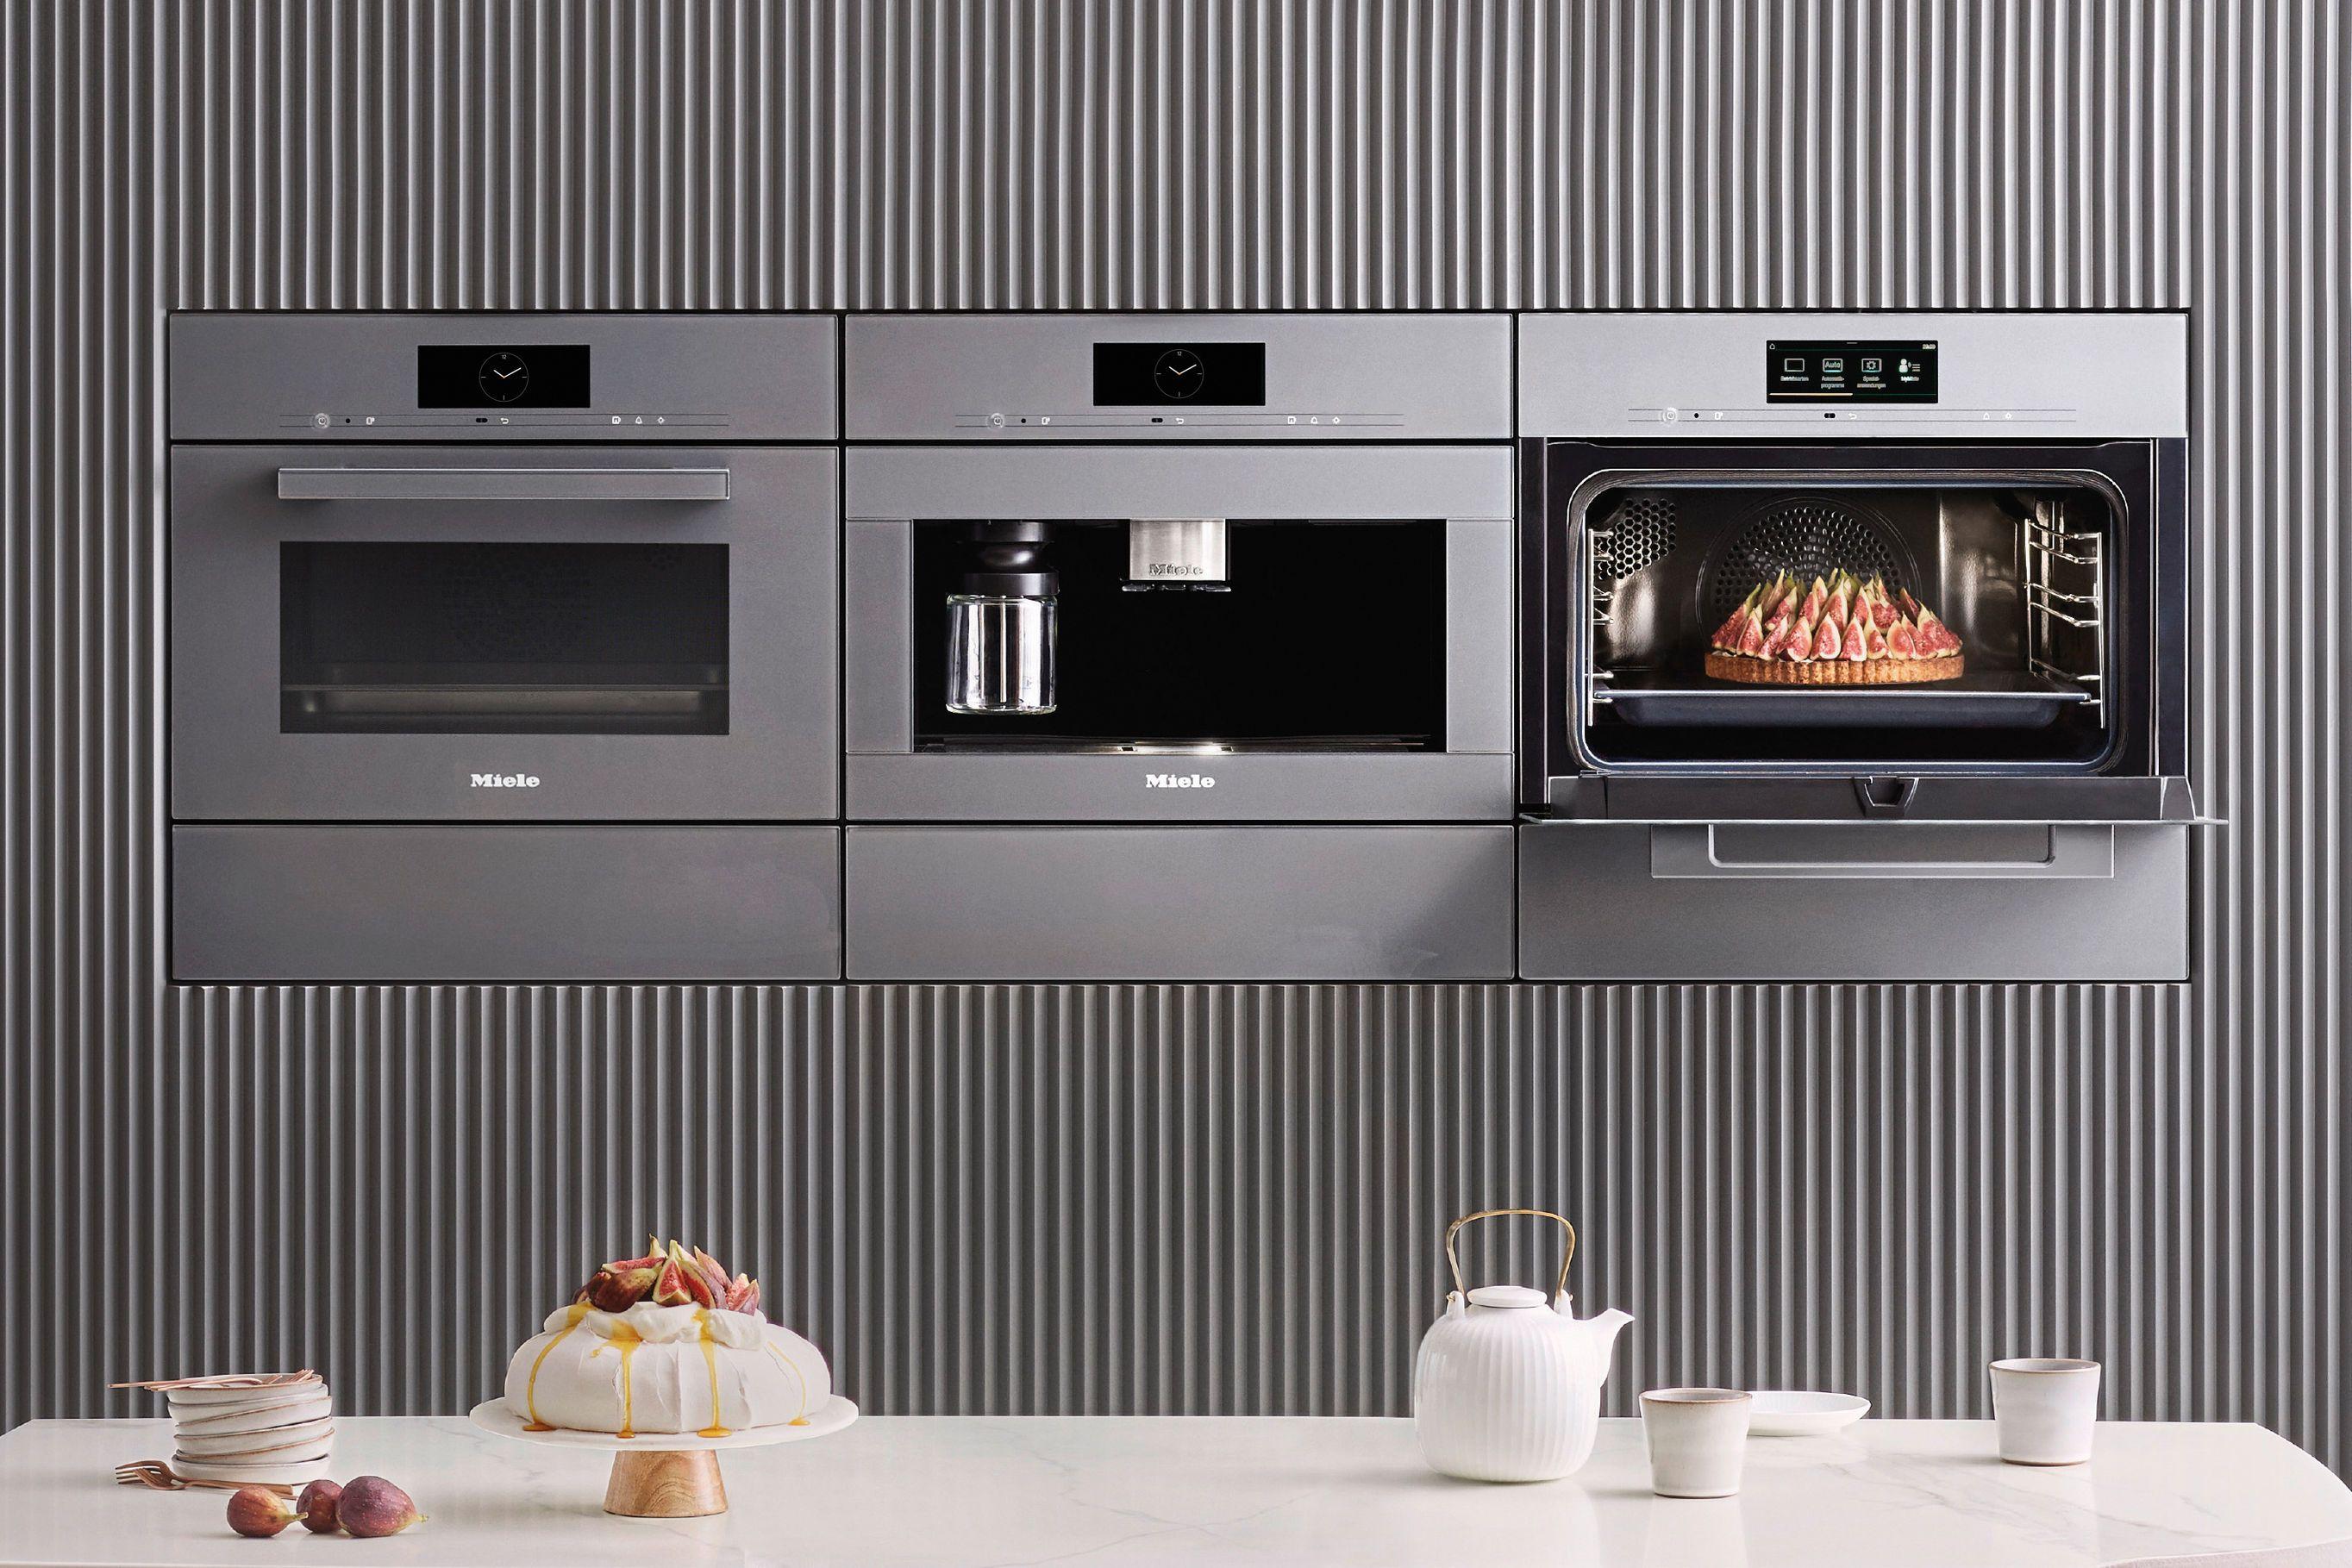 Kuchengerate Neue Generation In 2020 Kuche Einbauen Zeitlose Kuche Miele Kaffeevollautomat Einbau